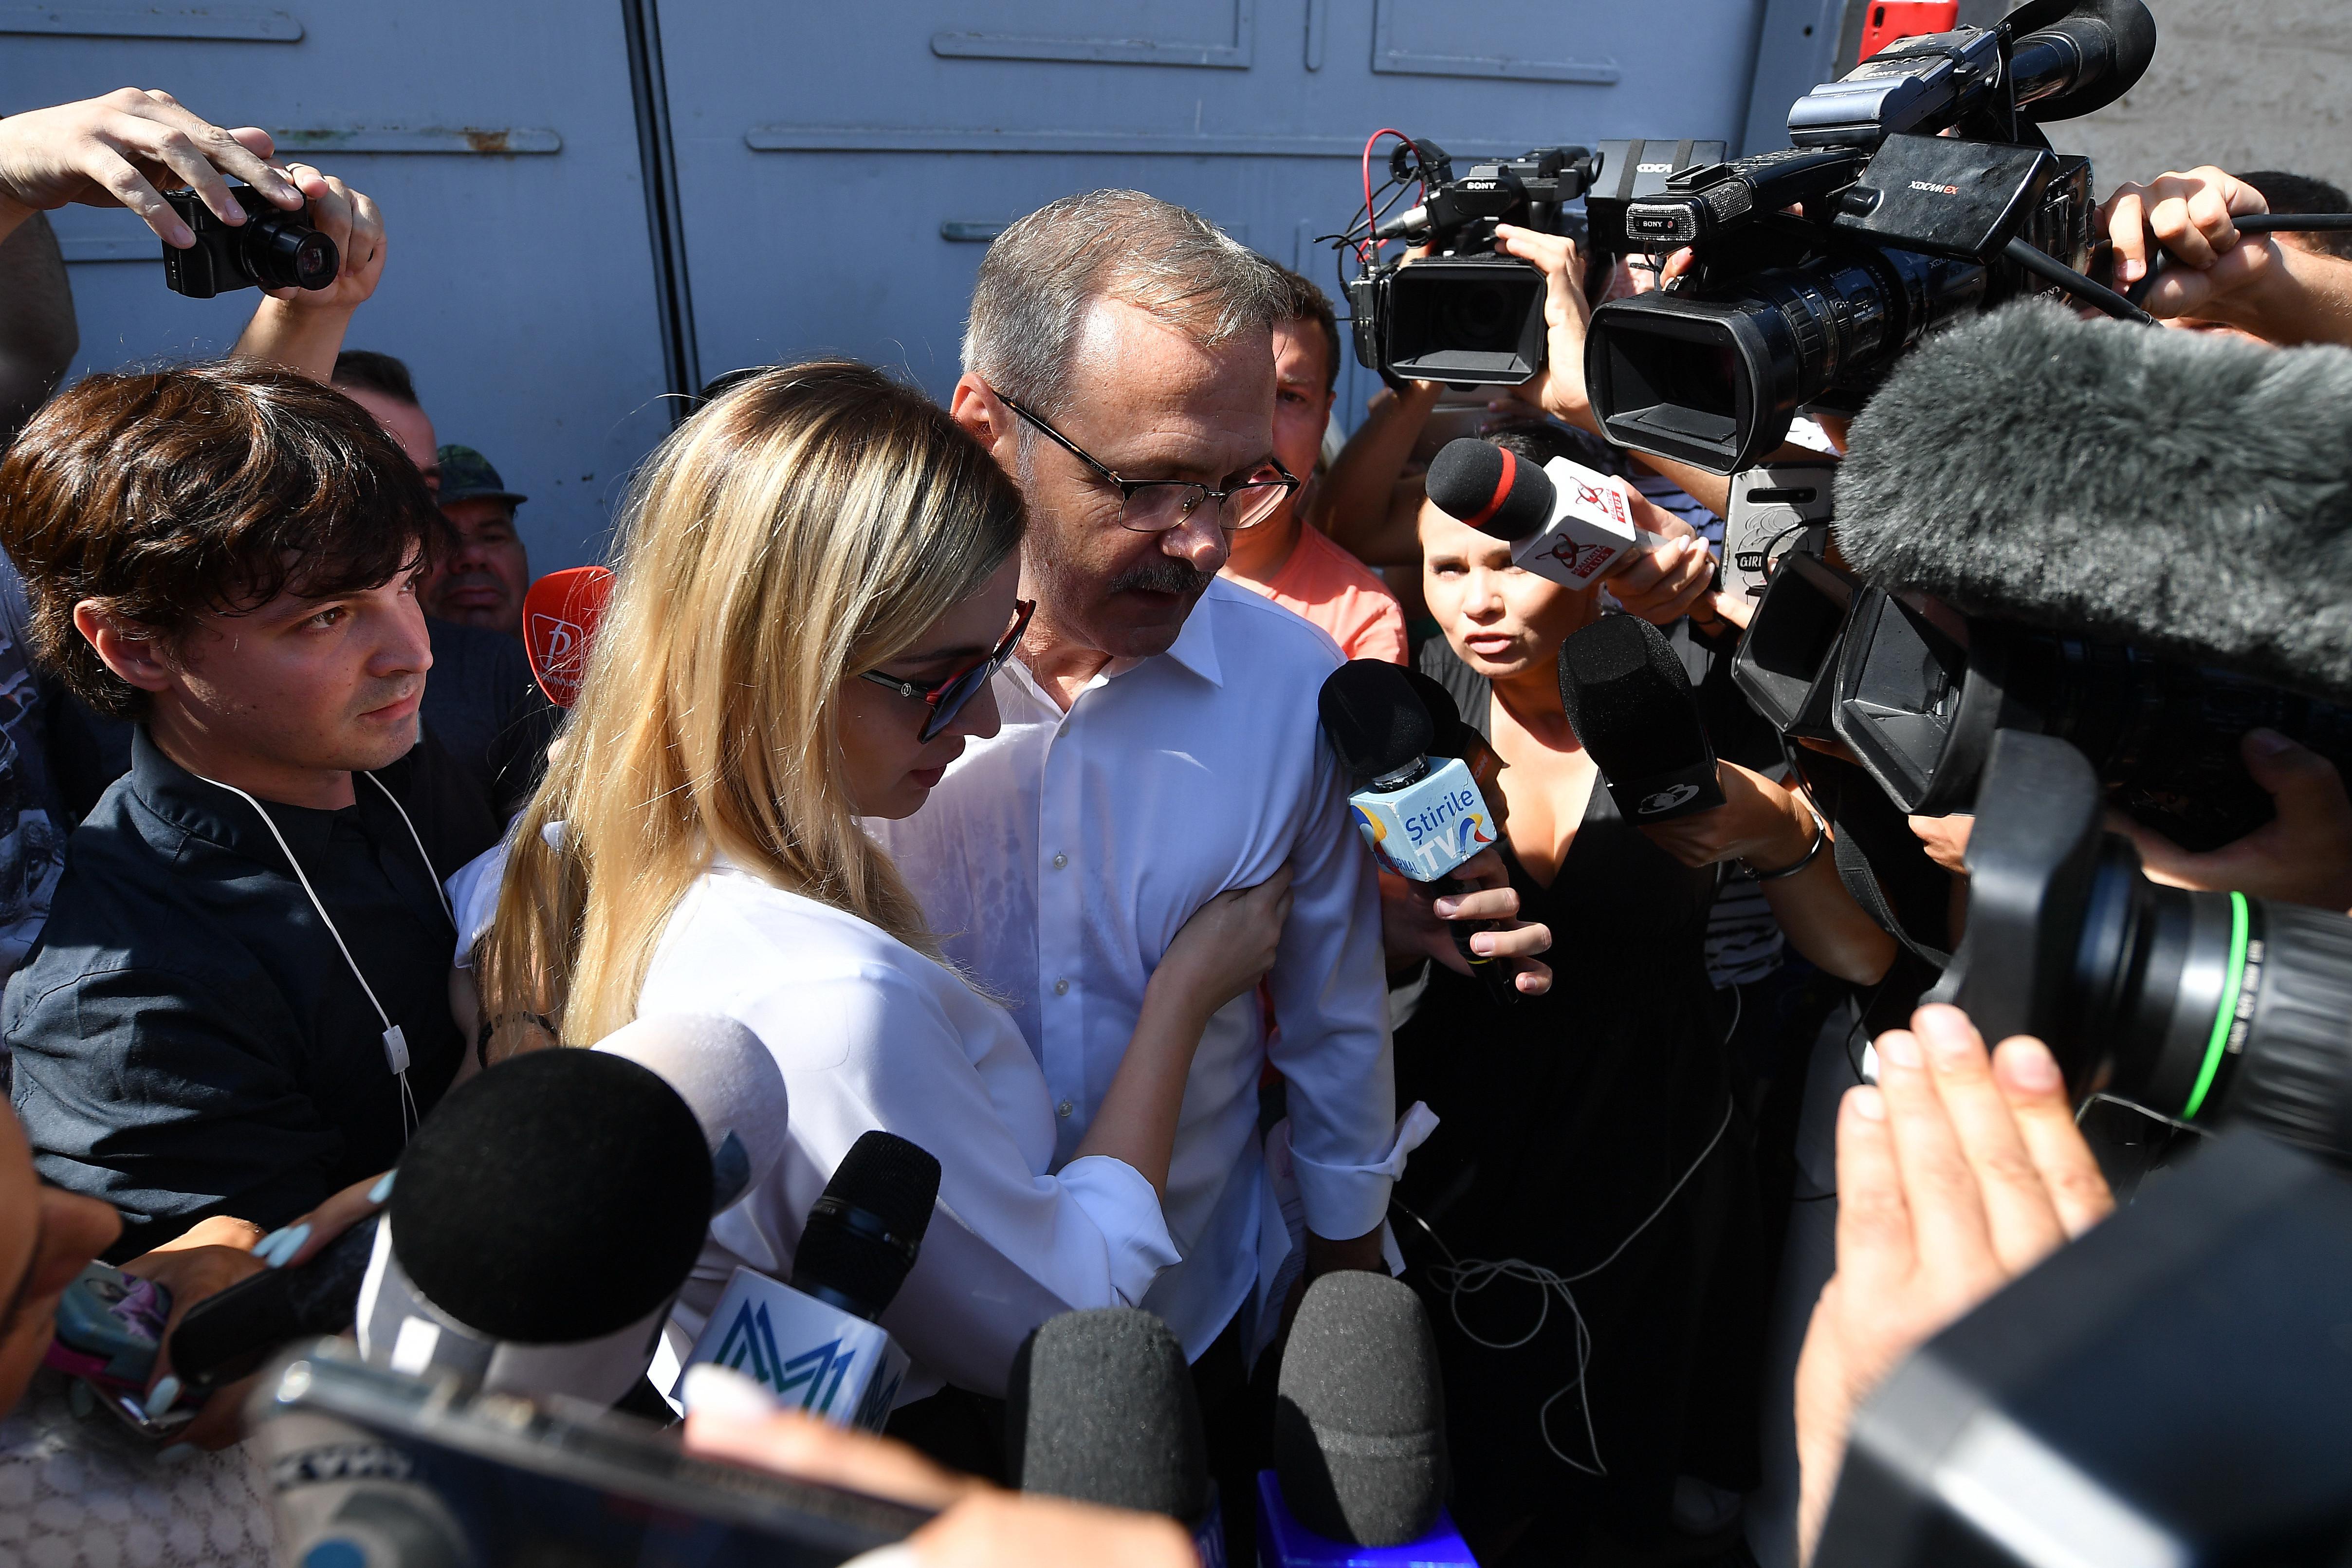 Liviu Dragnea a ieșit din închisoare, dar rămâne cu interdicții. Acestea expiră în 2024, an electoral